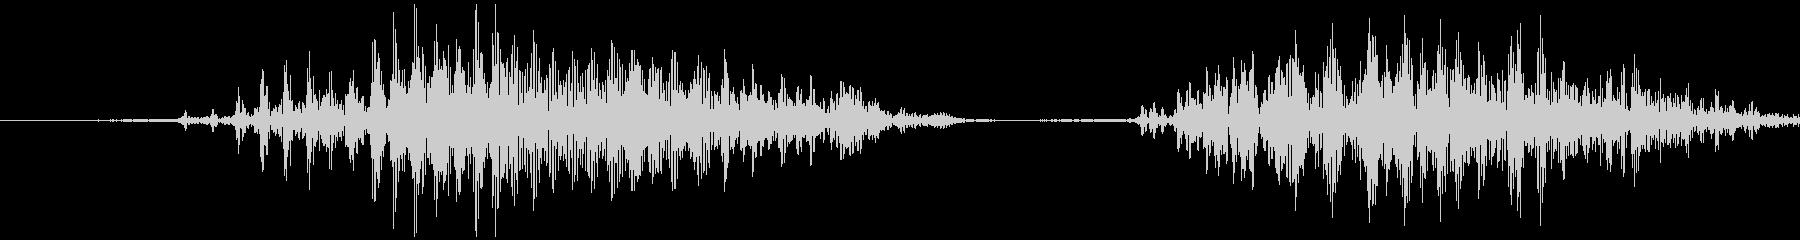 スマイルハンマー ビヨッ(低め)の未再生の波形